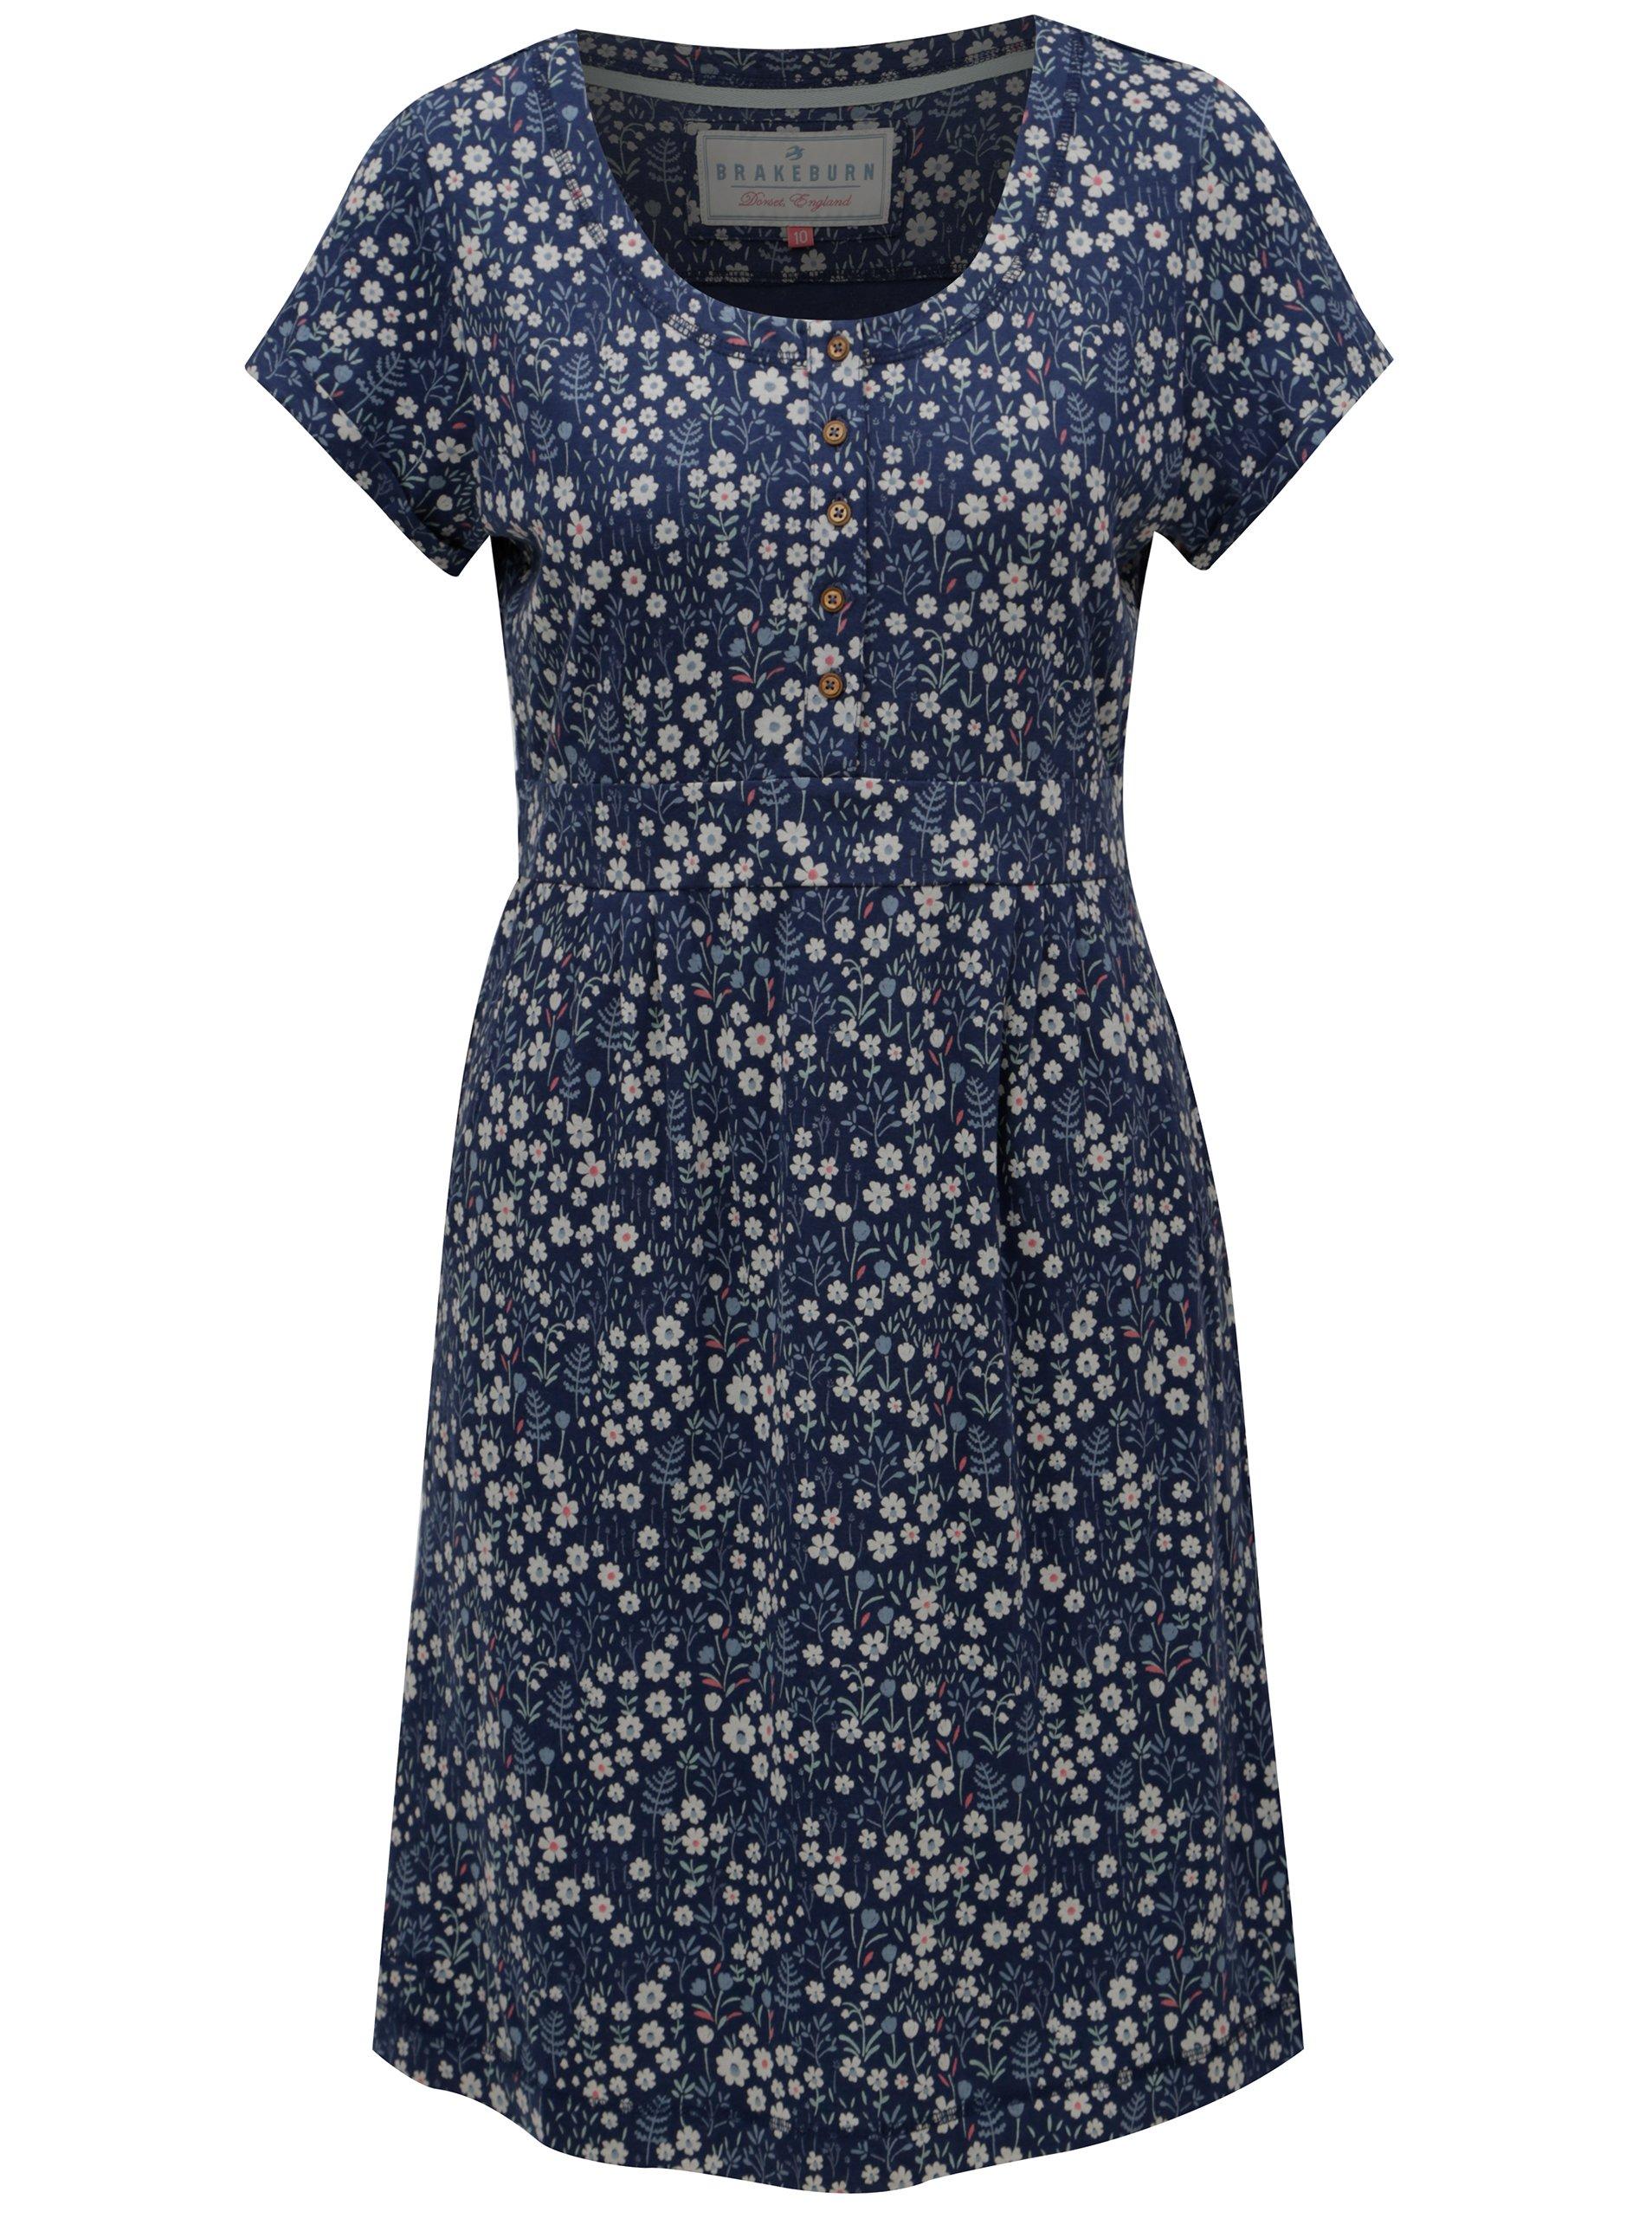 Tmavě modré květované šaty s krátkým rukávem Brakeburn    topik.cz 5df9ca644ae